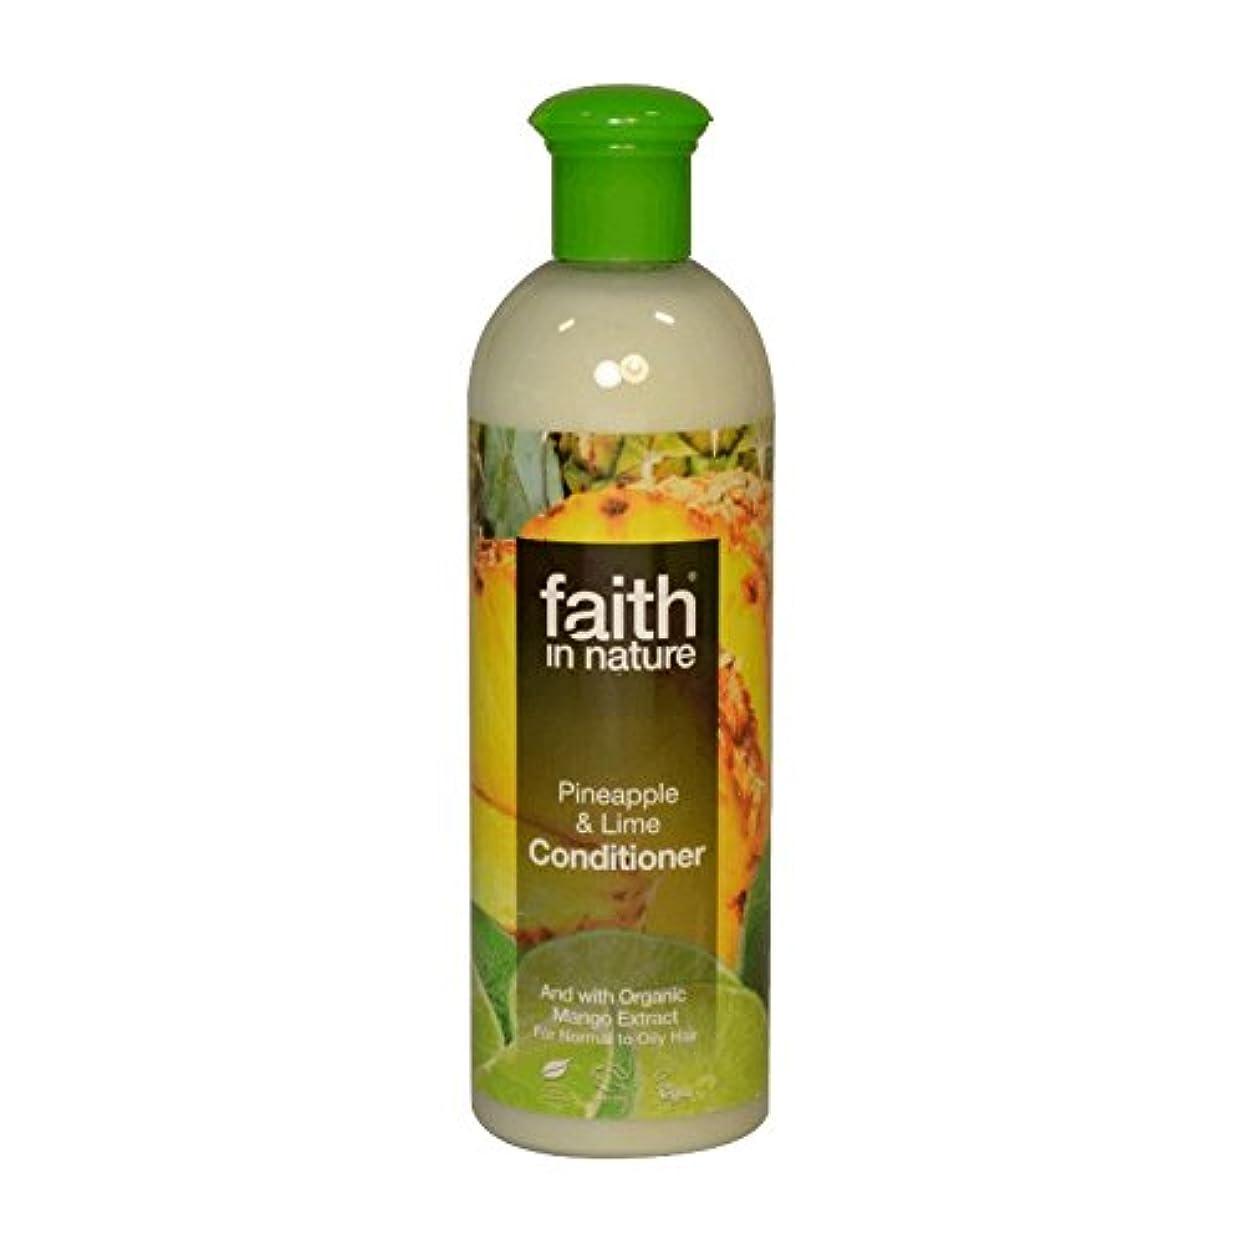 章動作学校教育Faith in Nature Pineapple & Lime Conditioner 400ml (Pack of 6) - 自然パイナップル&ライムコンディショナー400ミリリットルの信仰 (x6) [並行輸入品]